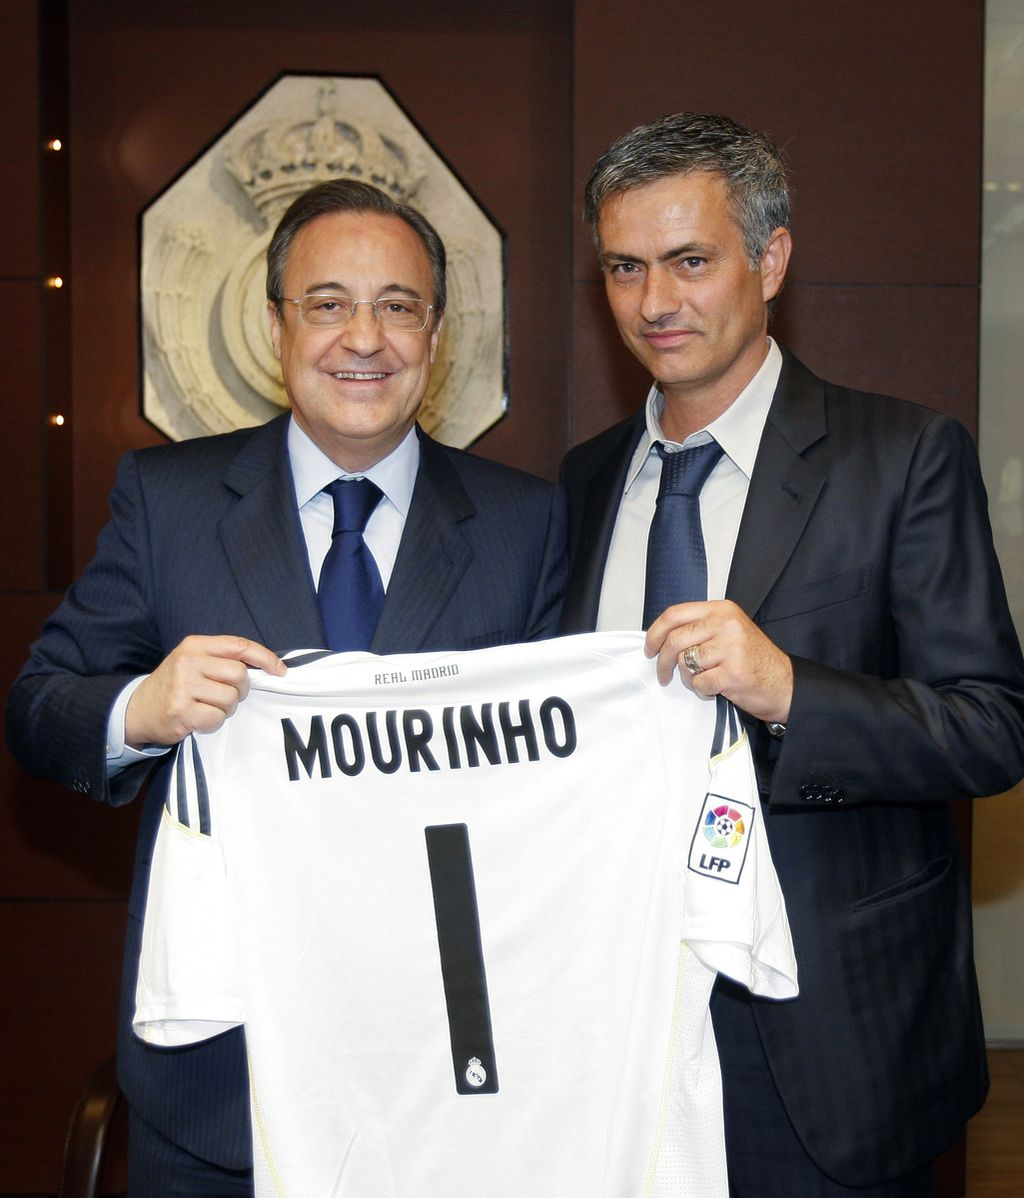 florentino y mourinho